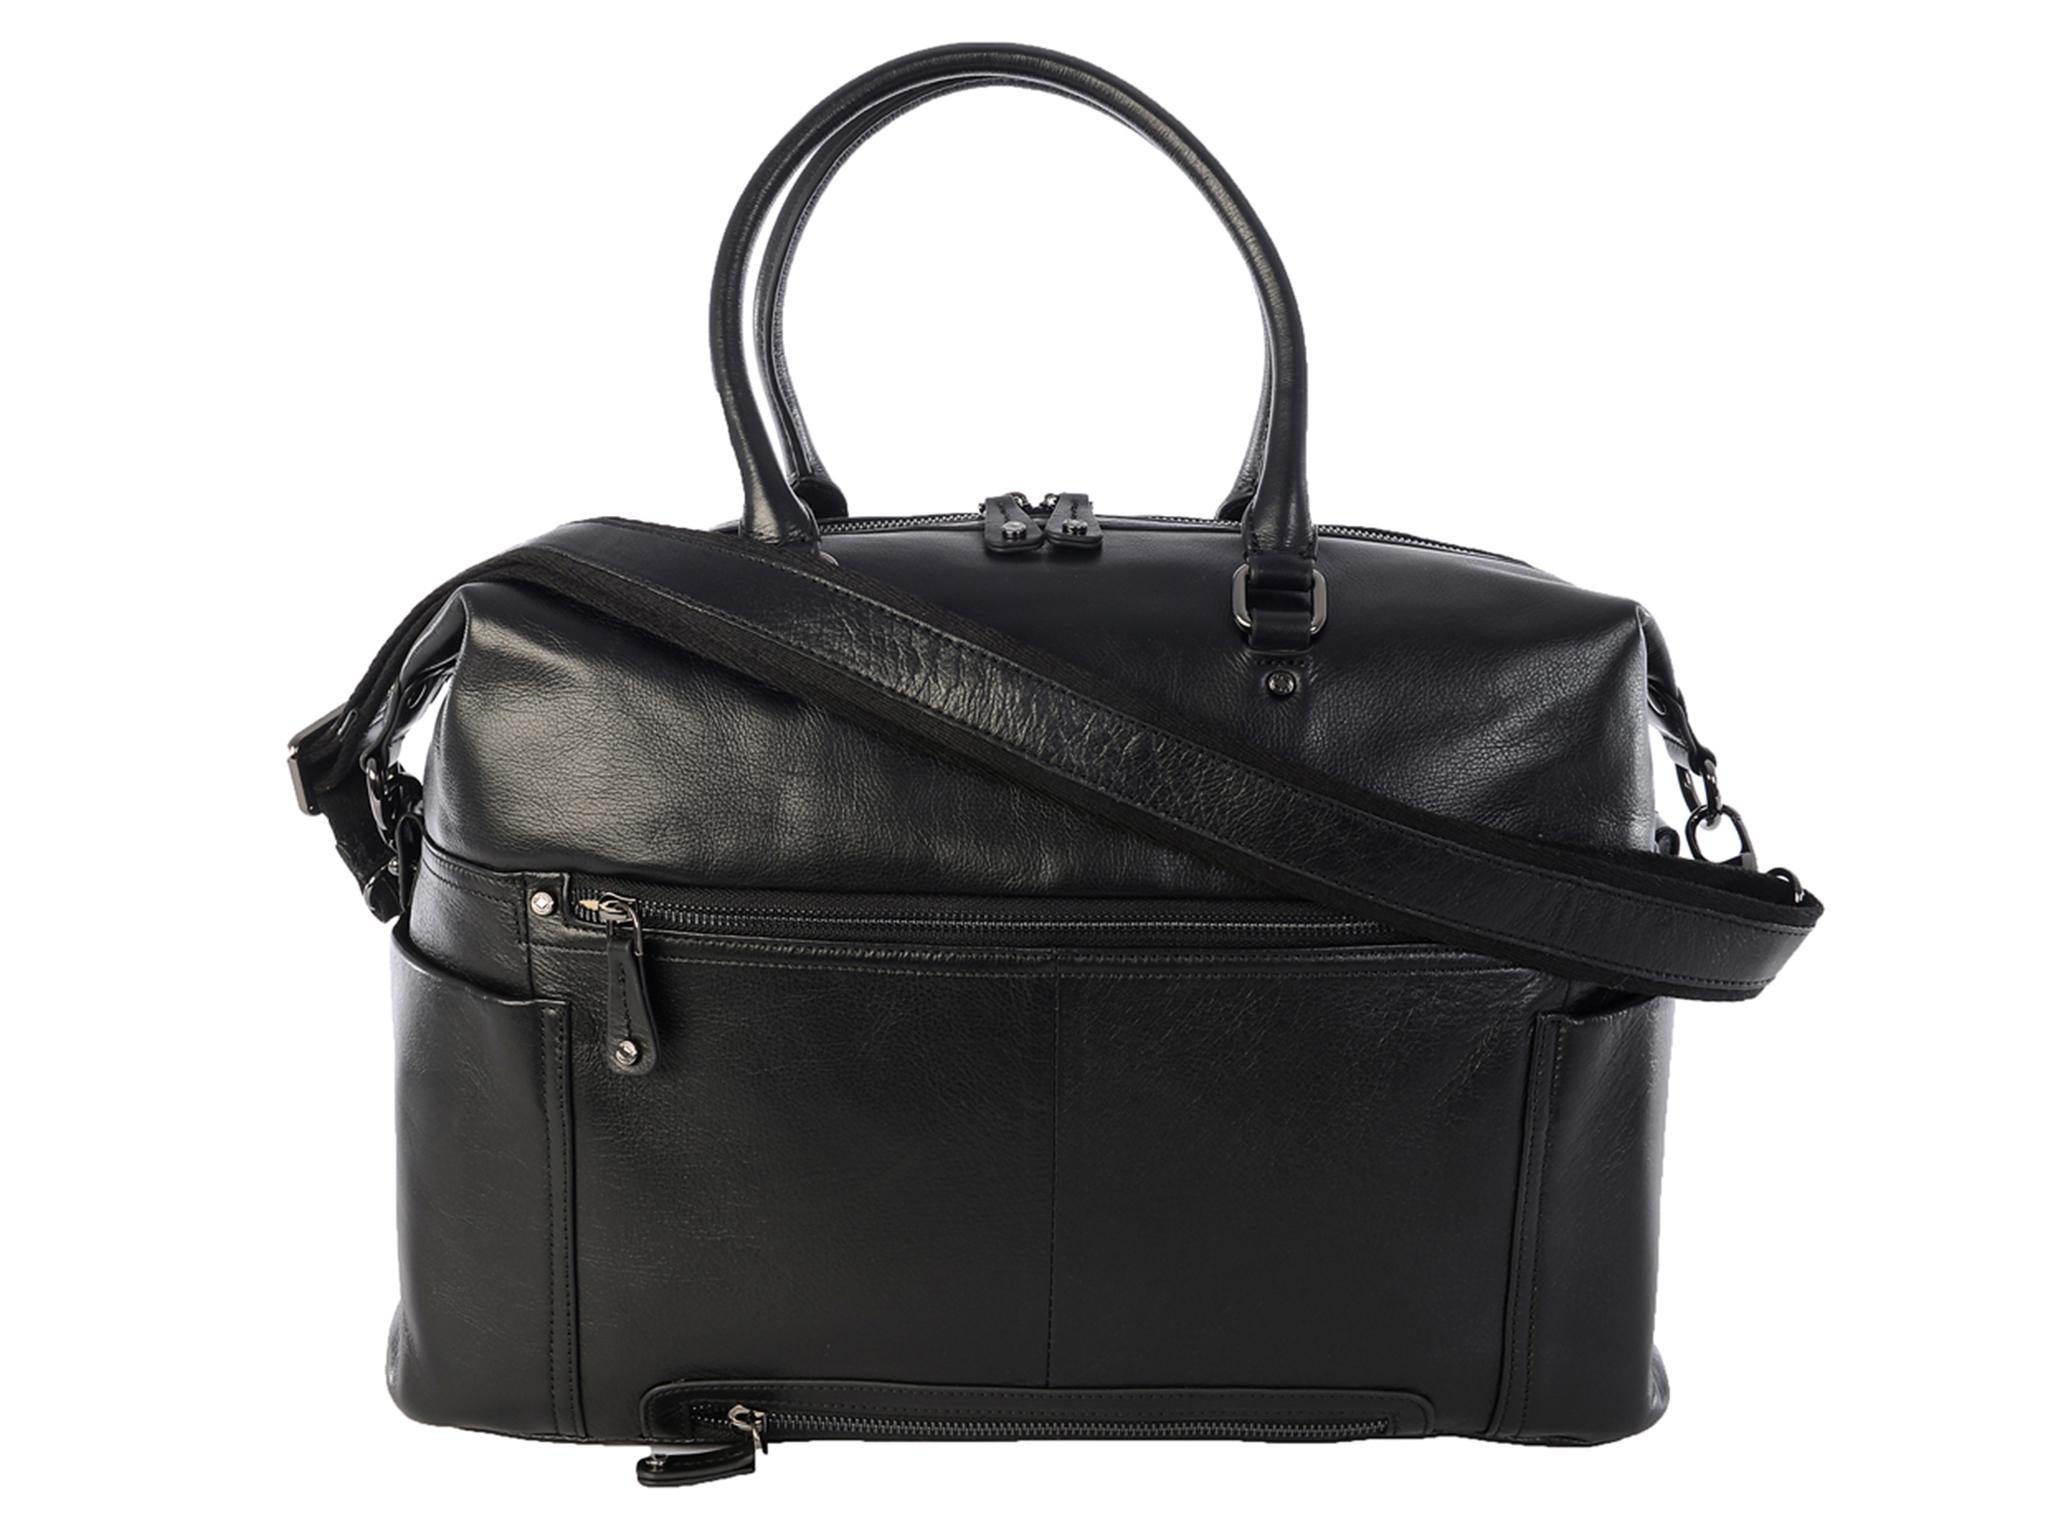 66703bbbc324 12 best designer handbags